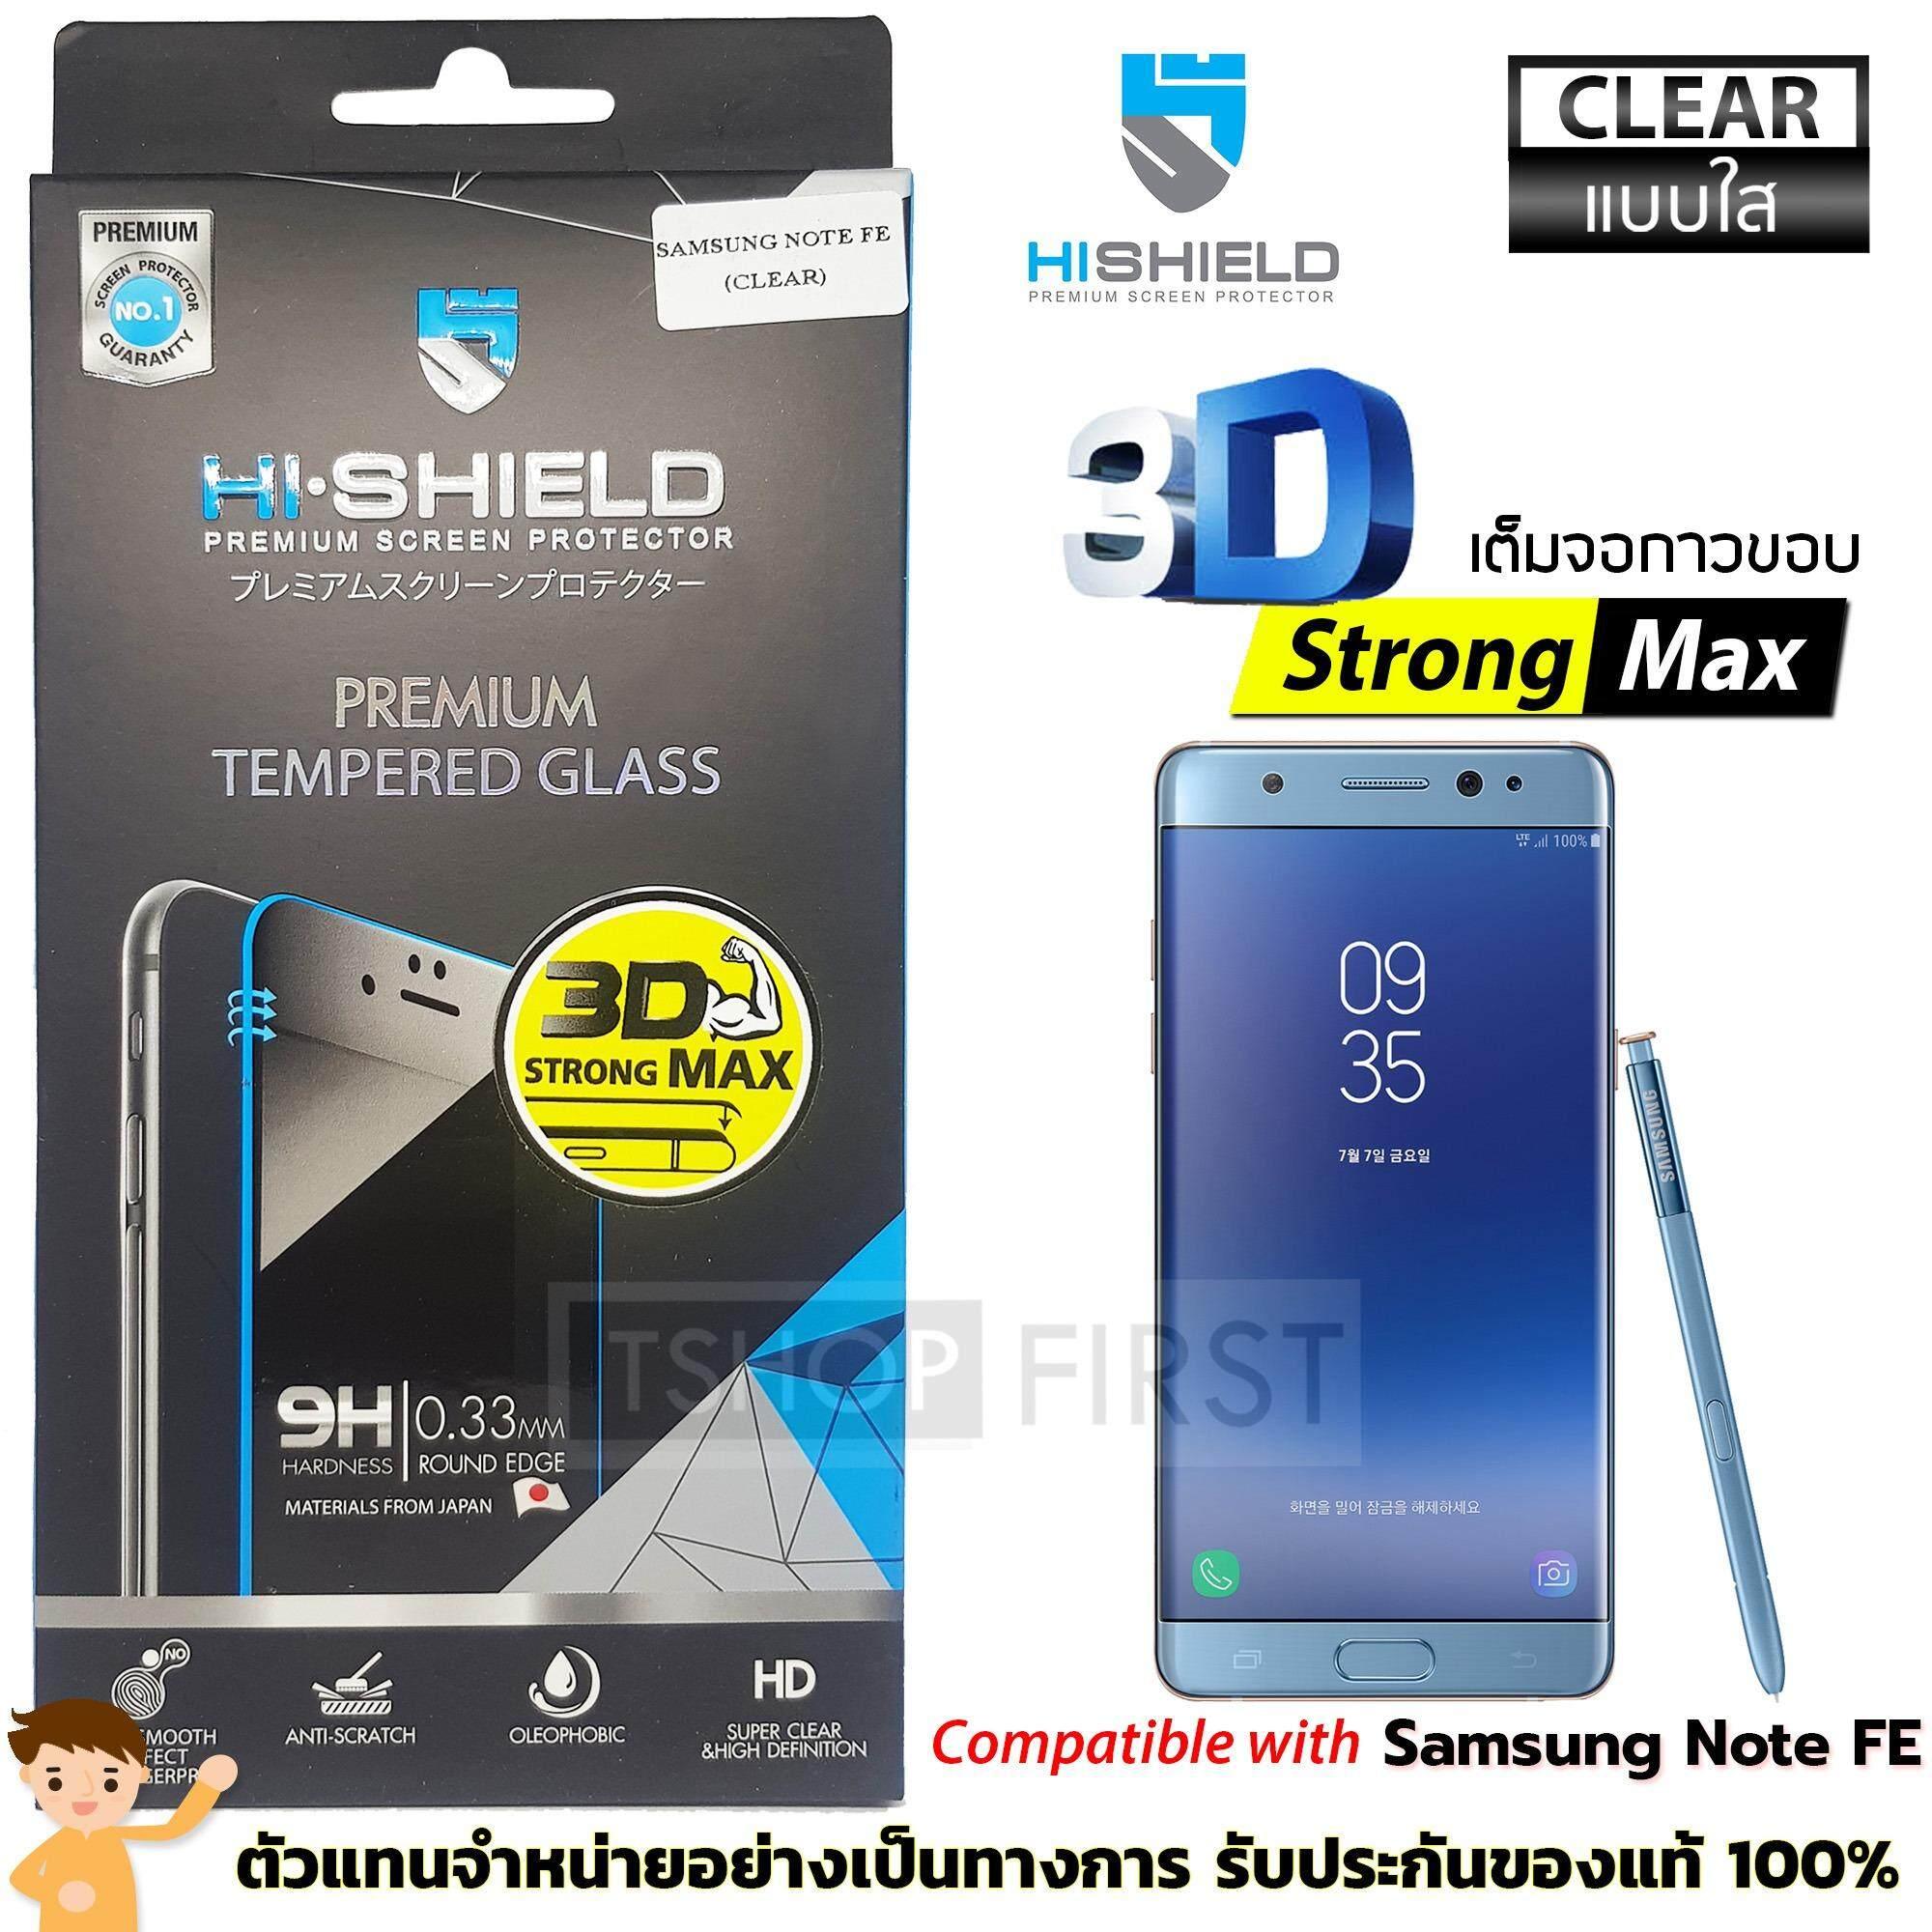 ราคา Hishield 3D Strong Max ไฮชิลด์ ฟิล์มกระจกนิรภัยเต็มจอขอบโค้ง For Samsnug Note Fe Hishield Thailand